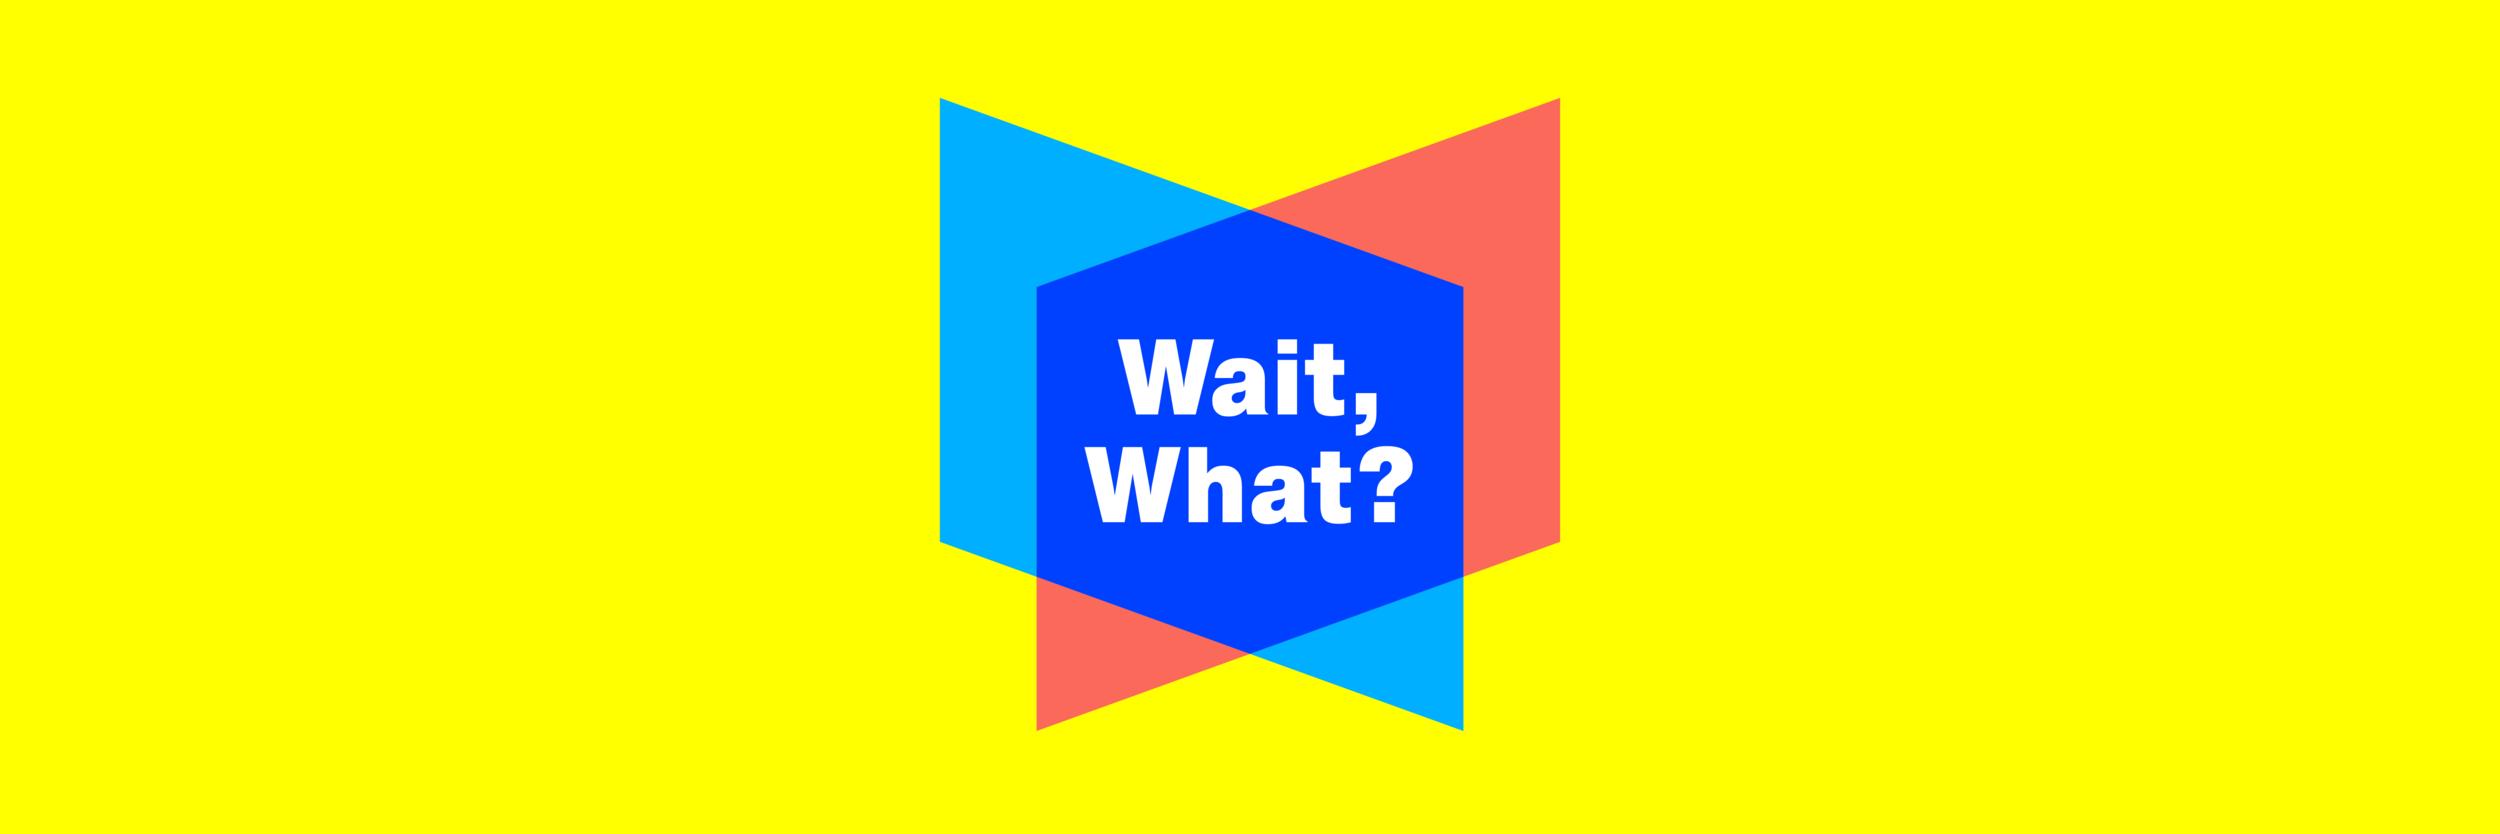 VisualAidSociety_logodesign_waitwhat